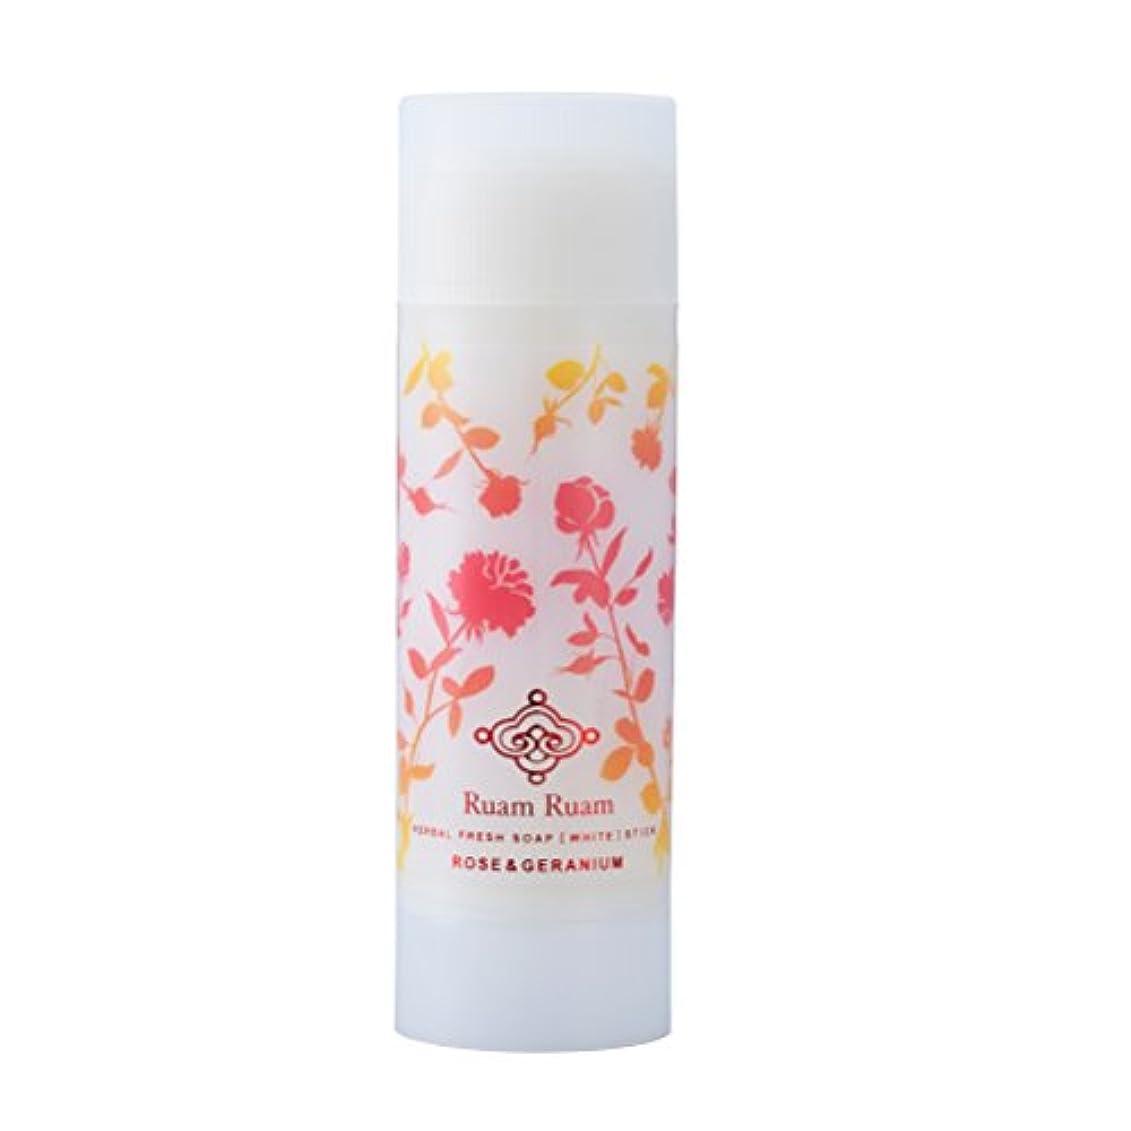 南西ノミネートダルセットルアンルアン(Ruam Ruam) 洗顔石鹸(白) ローズアンドゼラニウム 90g